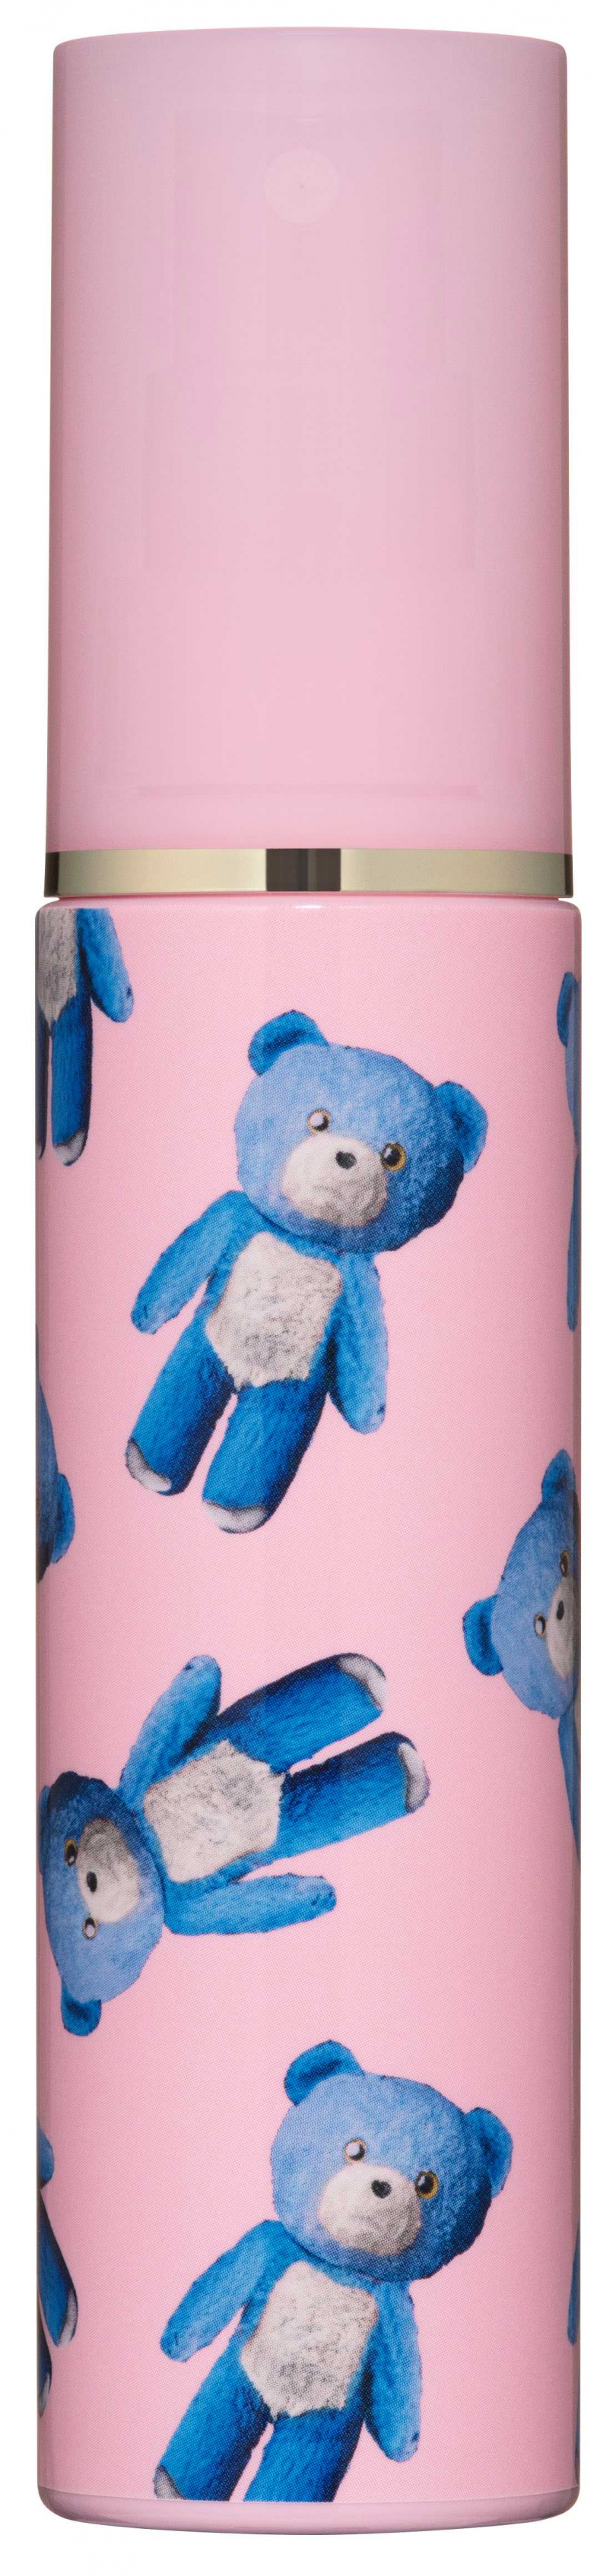 三款收藏盒:藍色熊熊限量收藏盒 & 領結啾啾粉紫貓收藏盒尺寸:W130 x D130 x H50 mm;花園小貓緞帶收藏盒尺寸:W160 × D160 × H60 mm。(右)PAUL & JOE藍色熊熊身體與頭髮噴霧60ml/500元(圖/品牌提供)